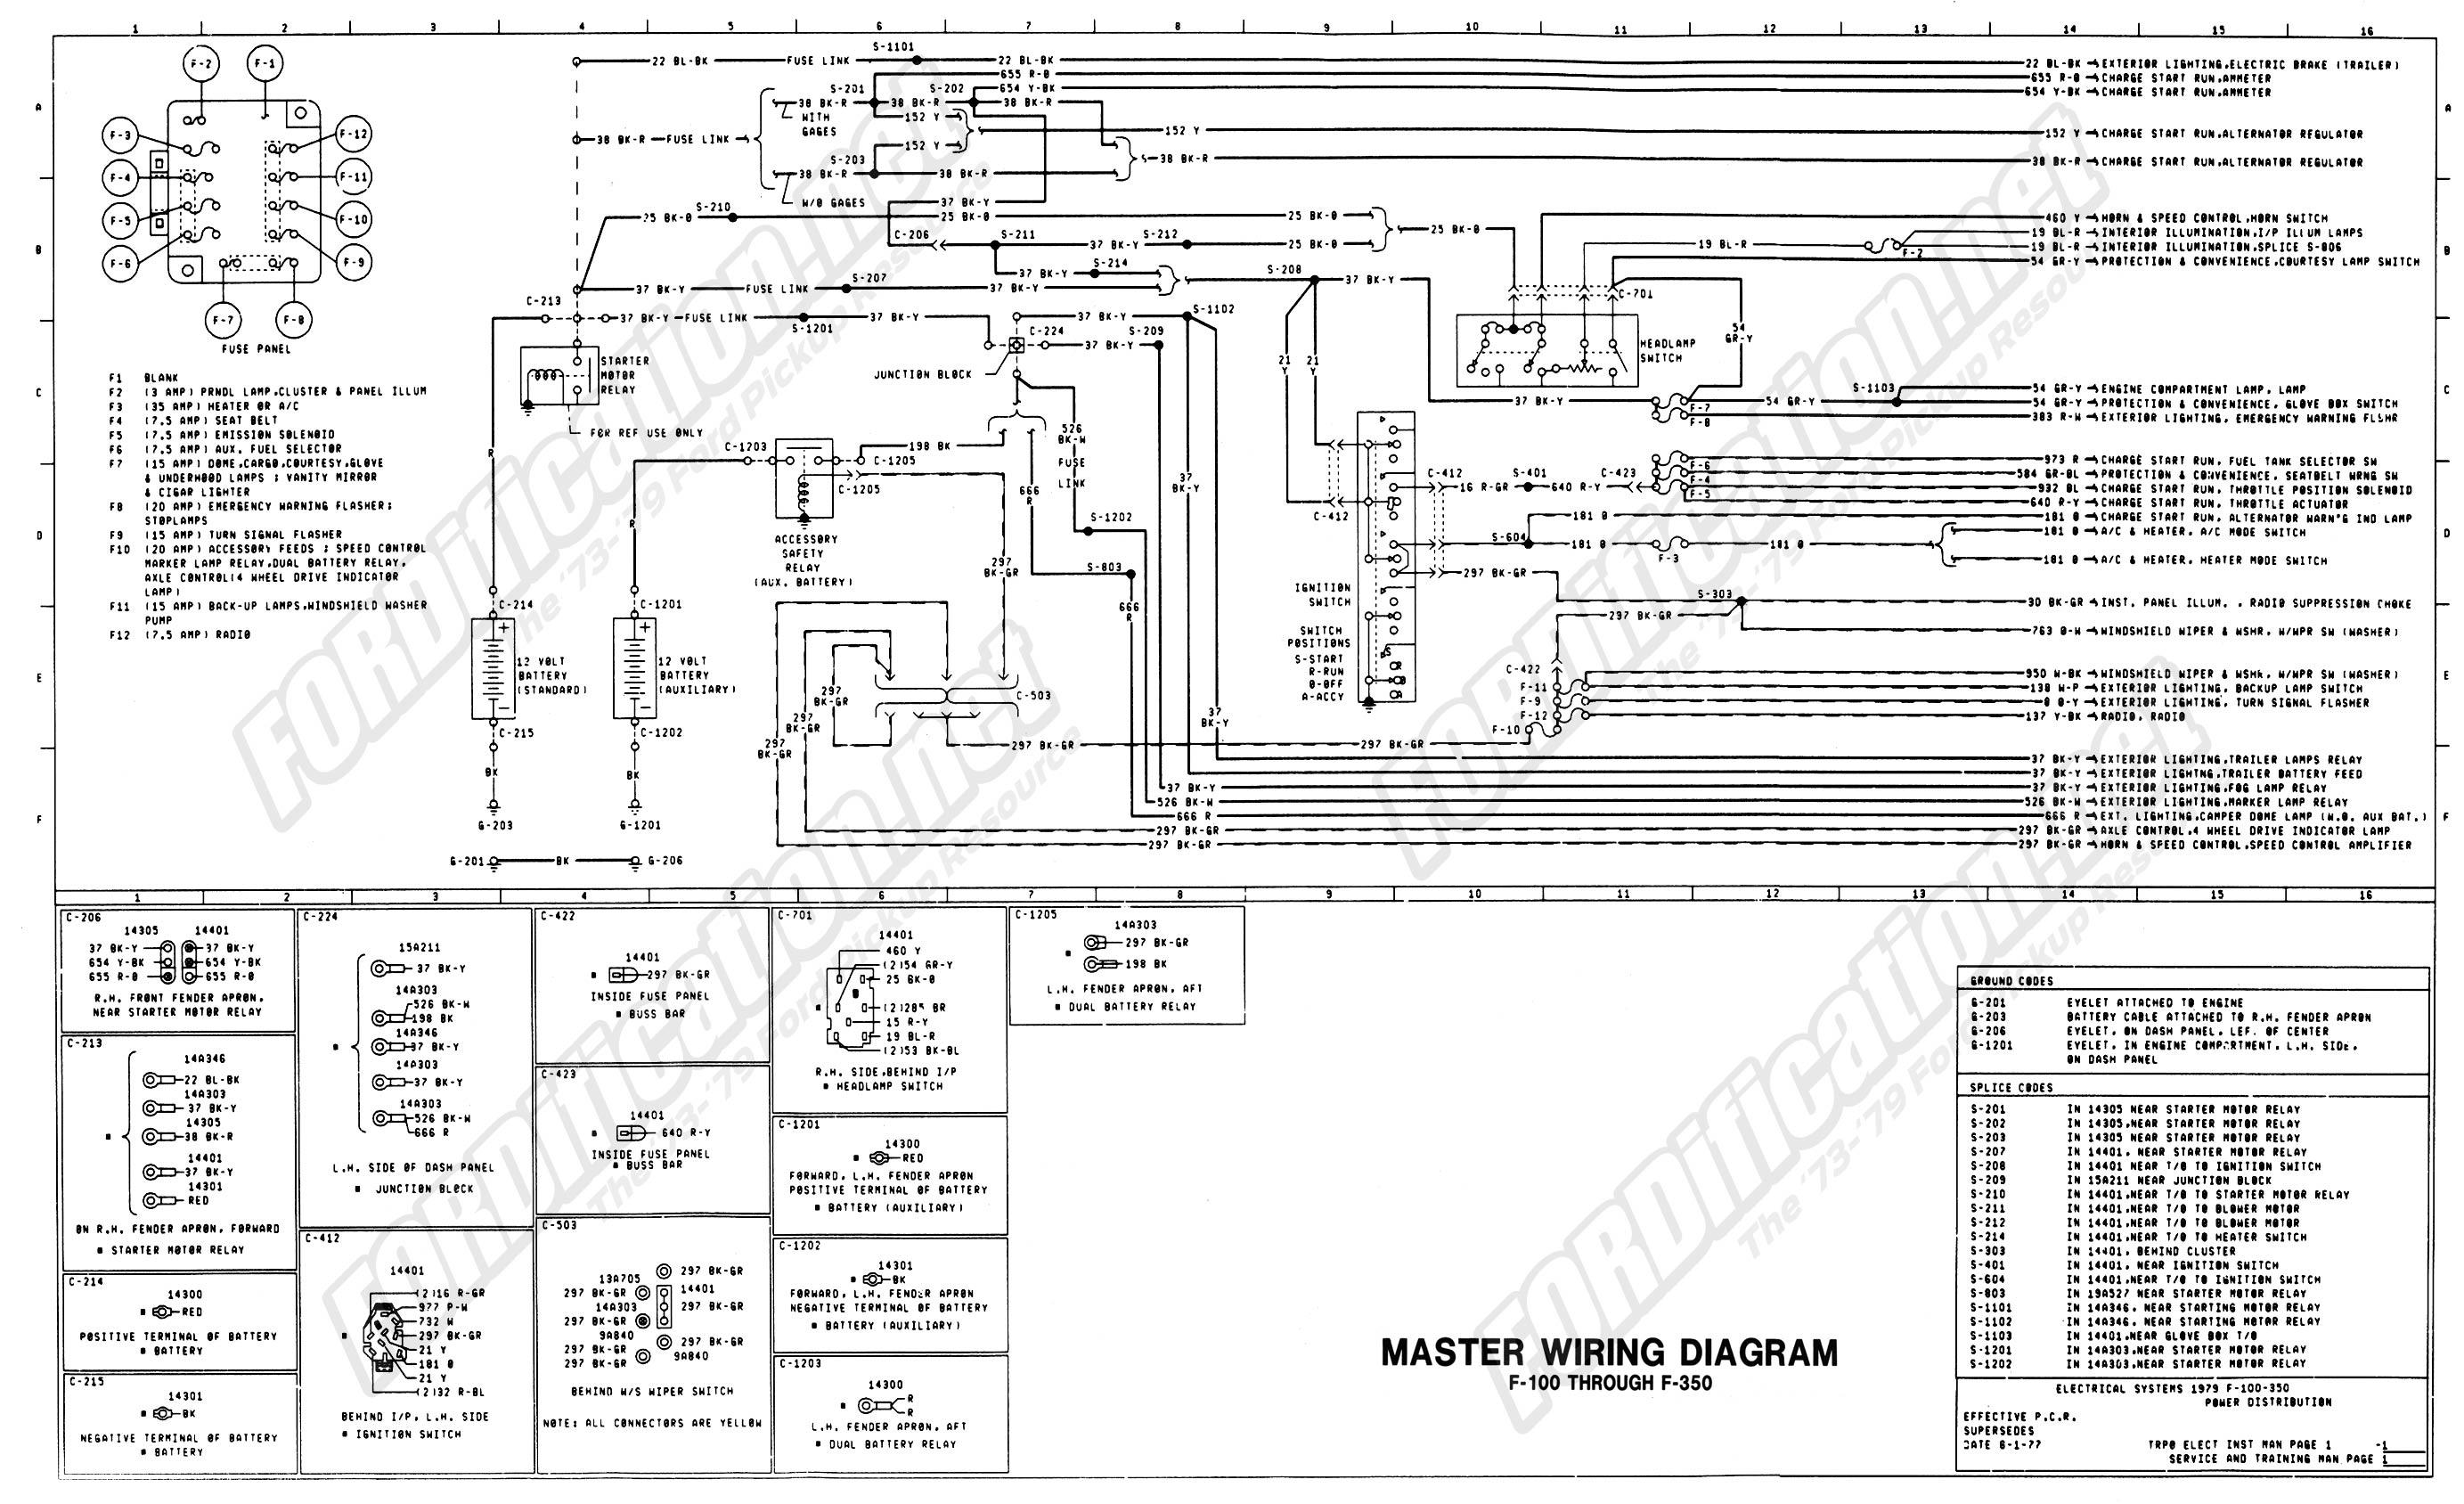 sterling wiring diagram new era of wiring diagram \u2022  sterling fuse box wiring diagrams wiring diagram data rh 12 9 15 reisen fuer meister de sterling wiring diagram truck 2008 sterling wiring diagram